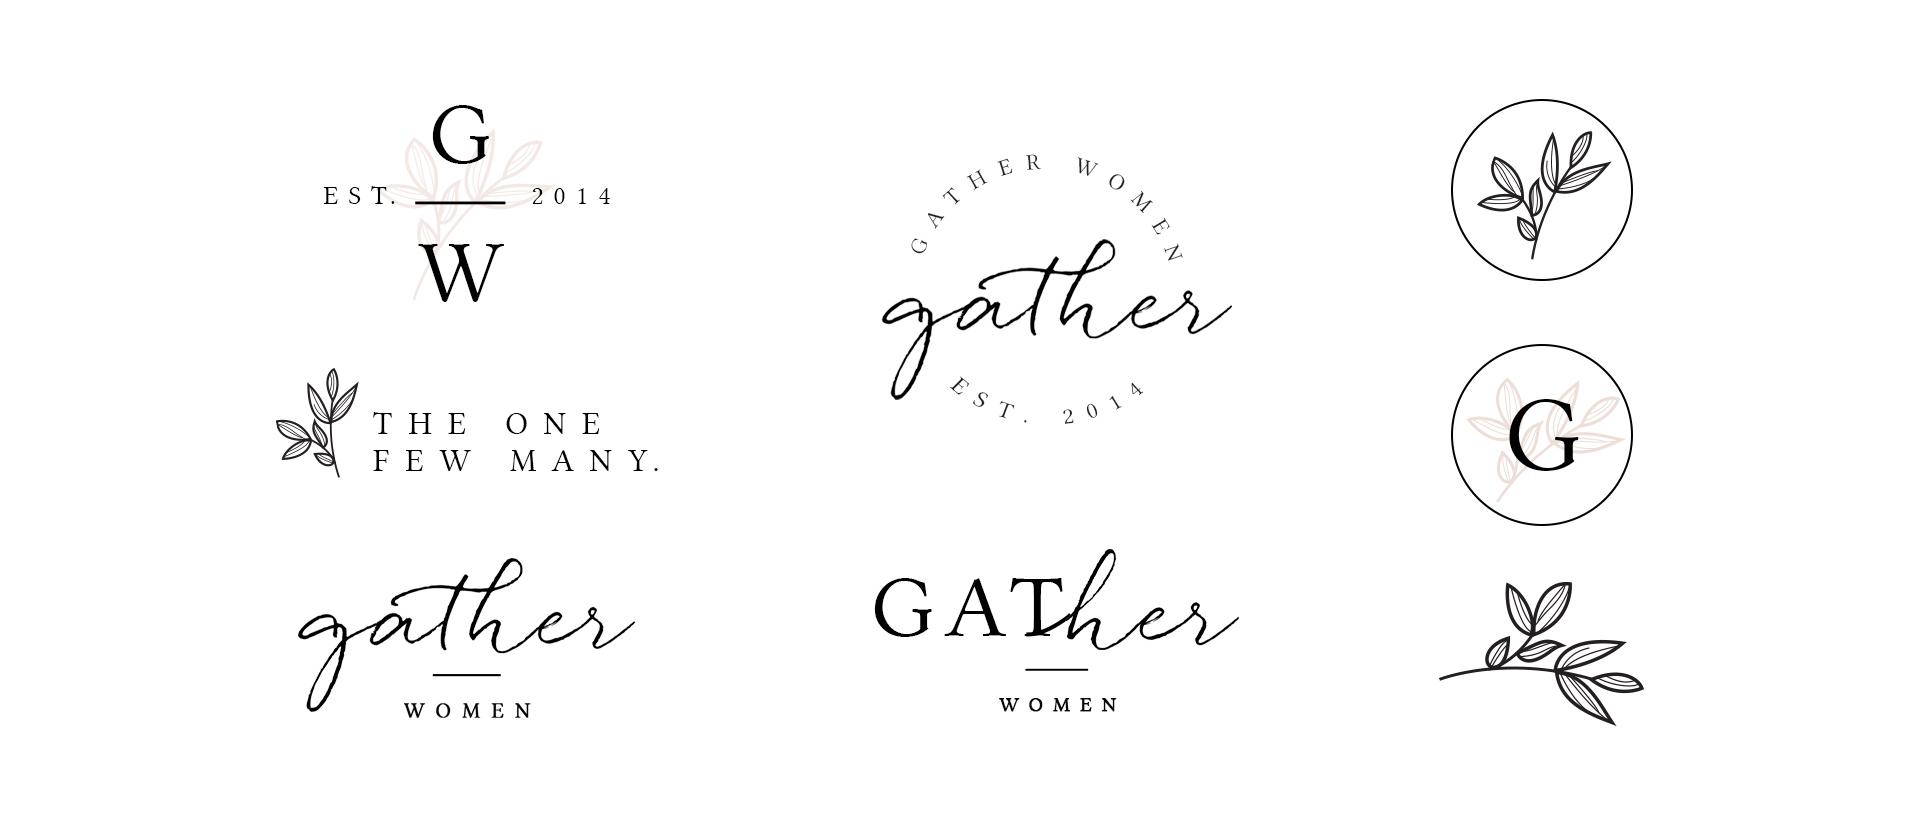 gatherw Logo Variations.jpg